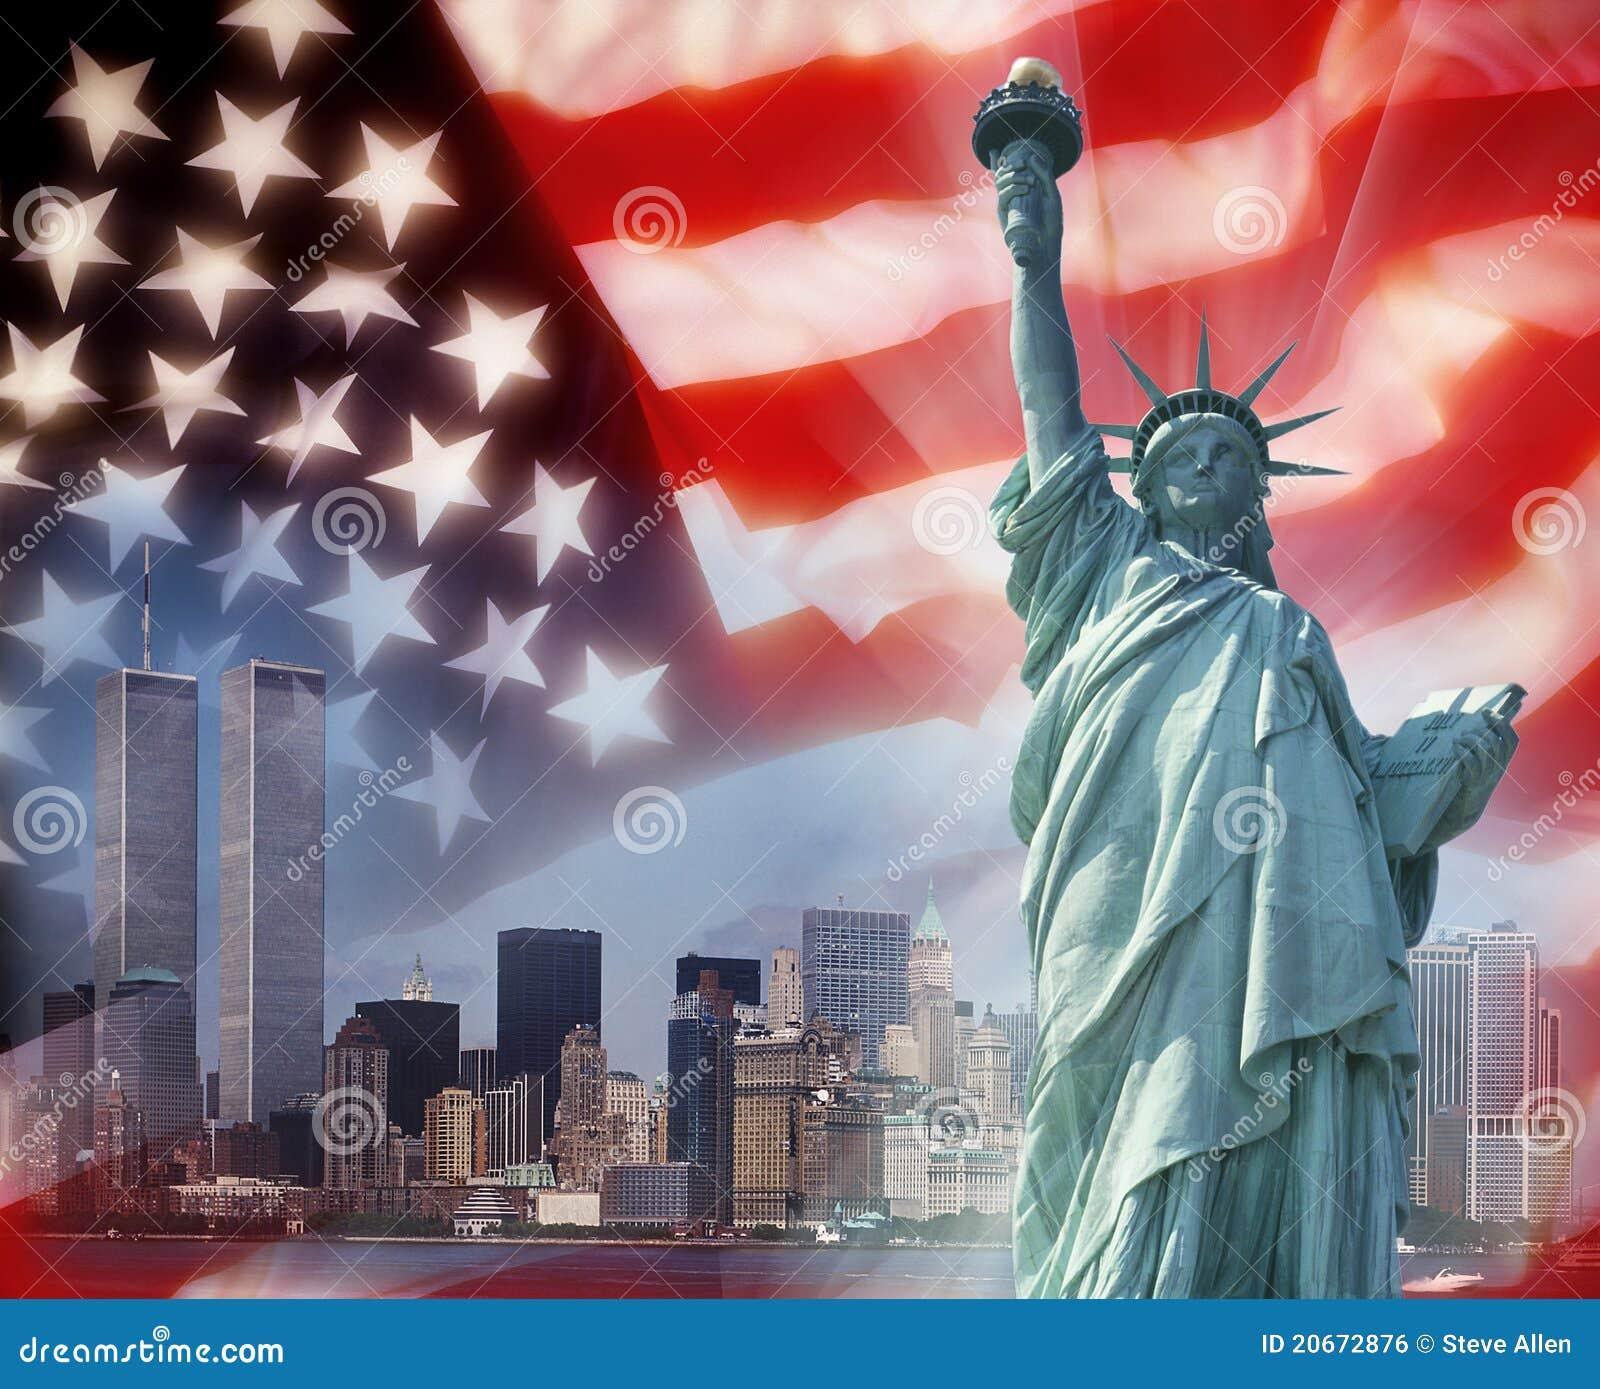 Torres gemelas - Nueva York - símbolos patrióticos